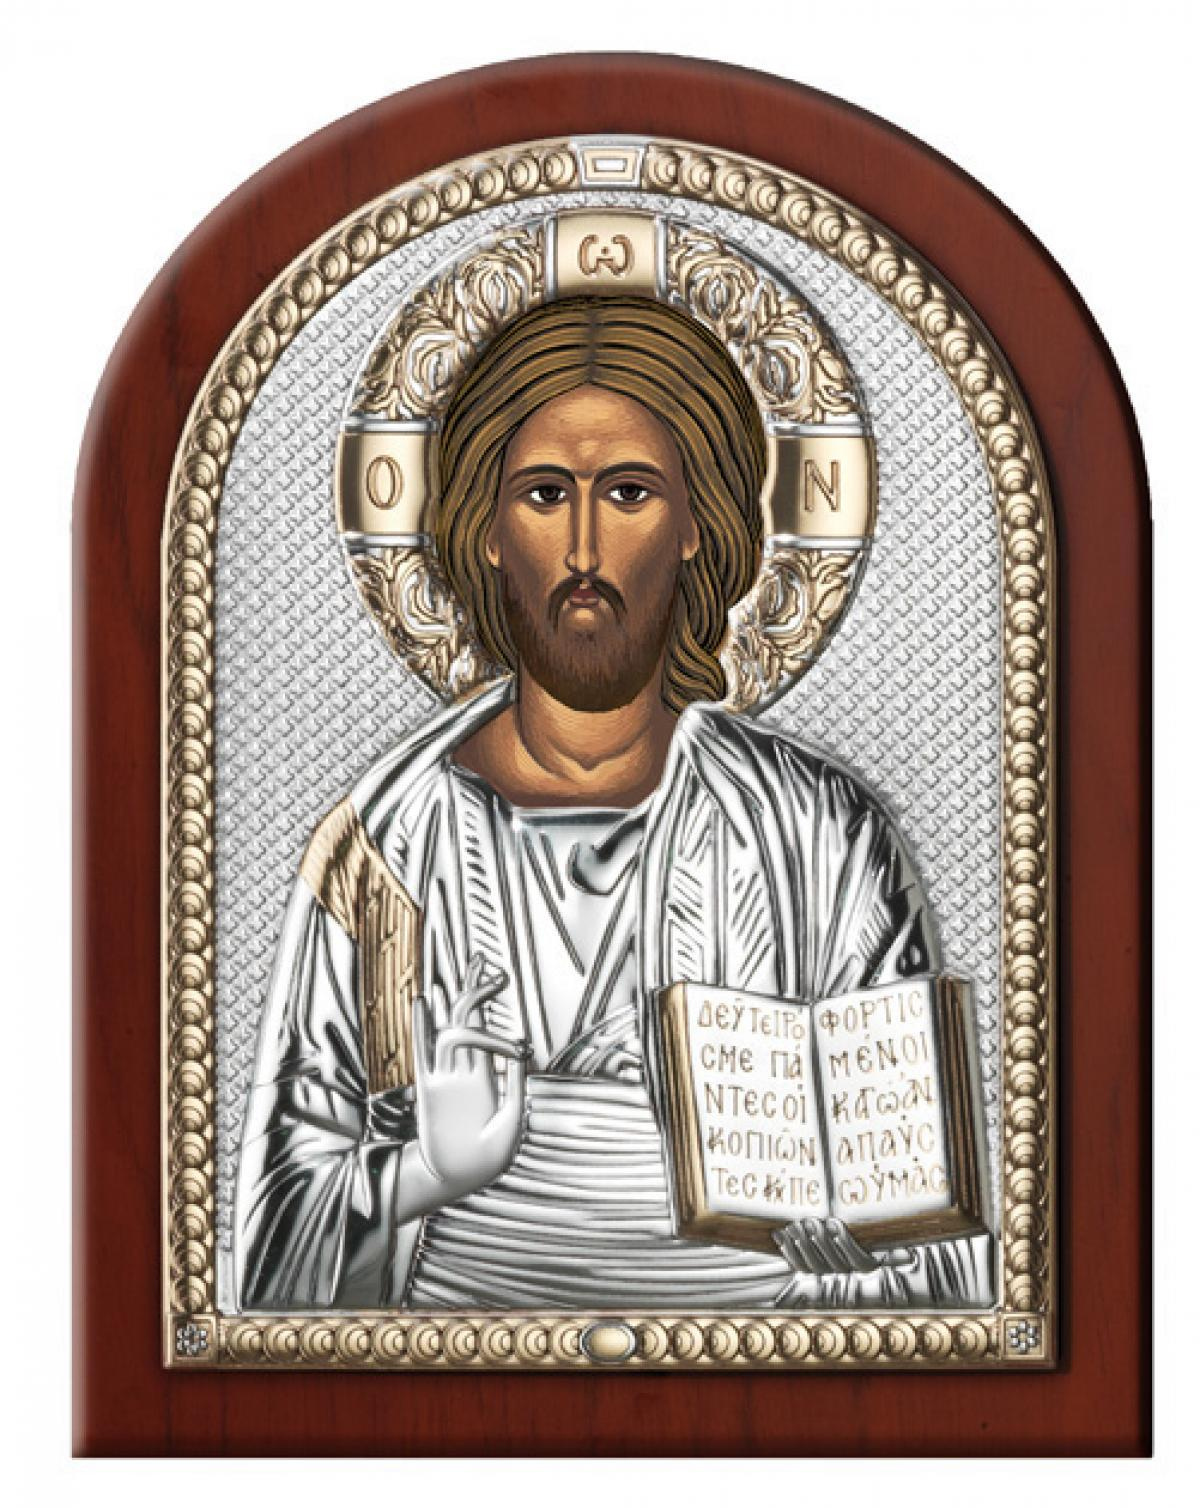 Ікона срібна Ісус Христос Вседержитель 15х20см 84000 3L ORO